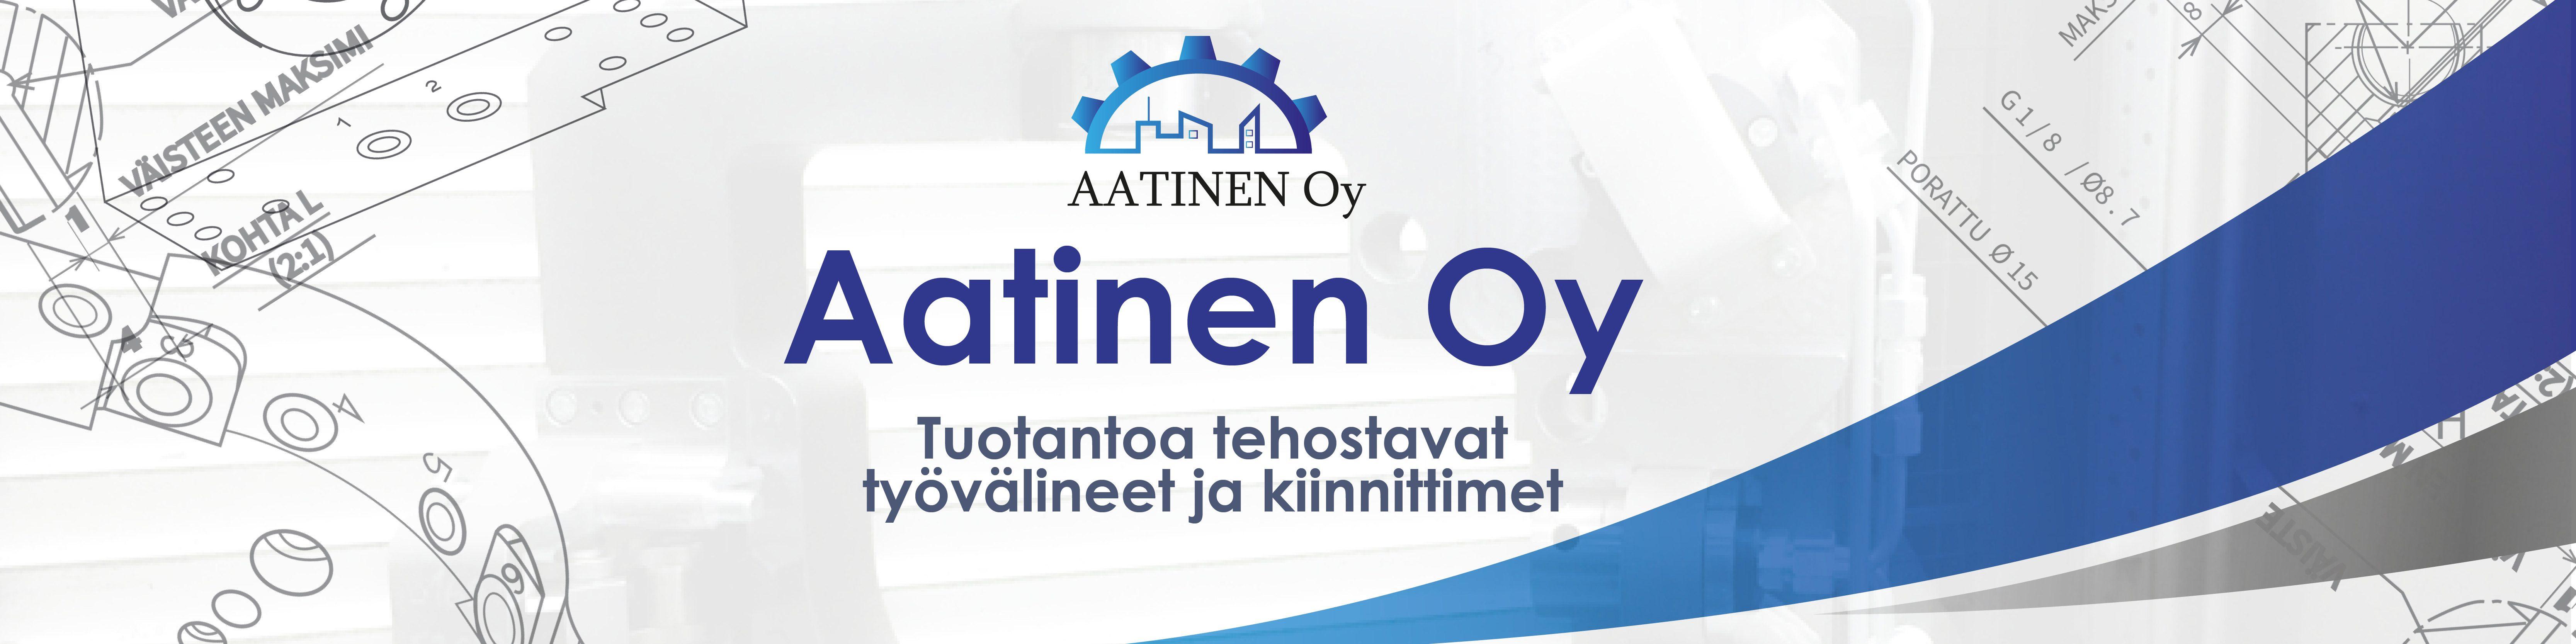 Aatinen Oy | Sivutoteutus: Ria Jokijärvi 2019